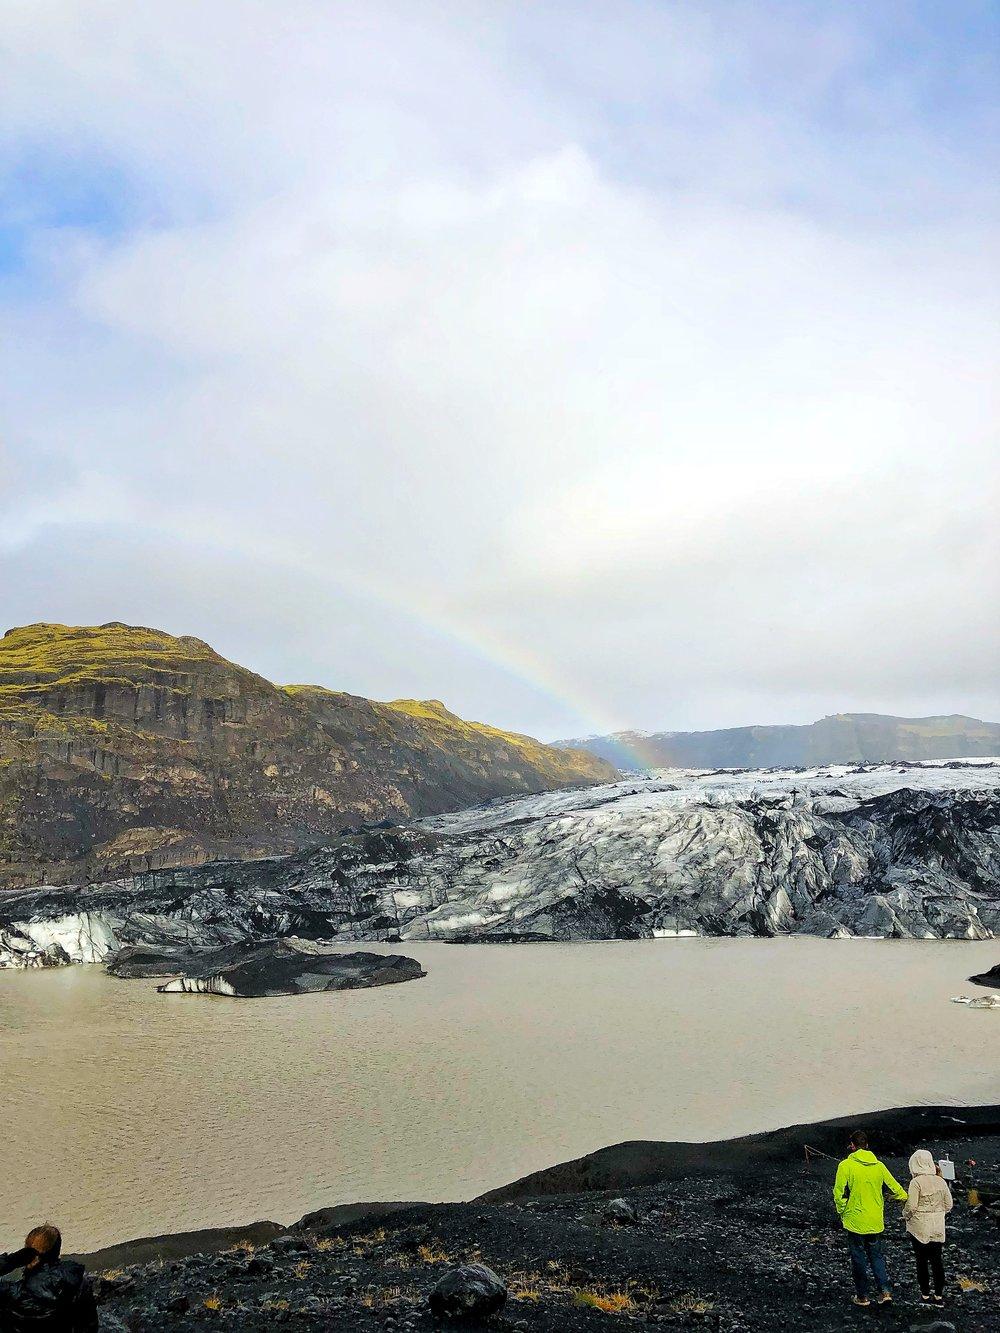 A peek of Sólheimajökull glacier